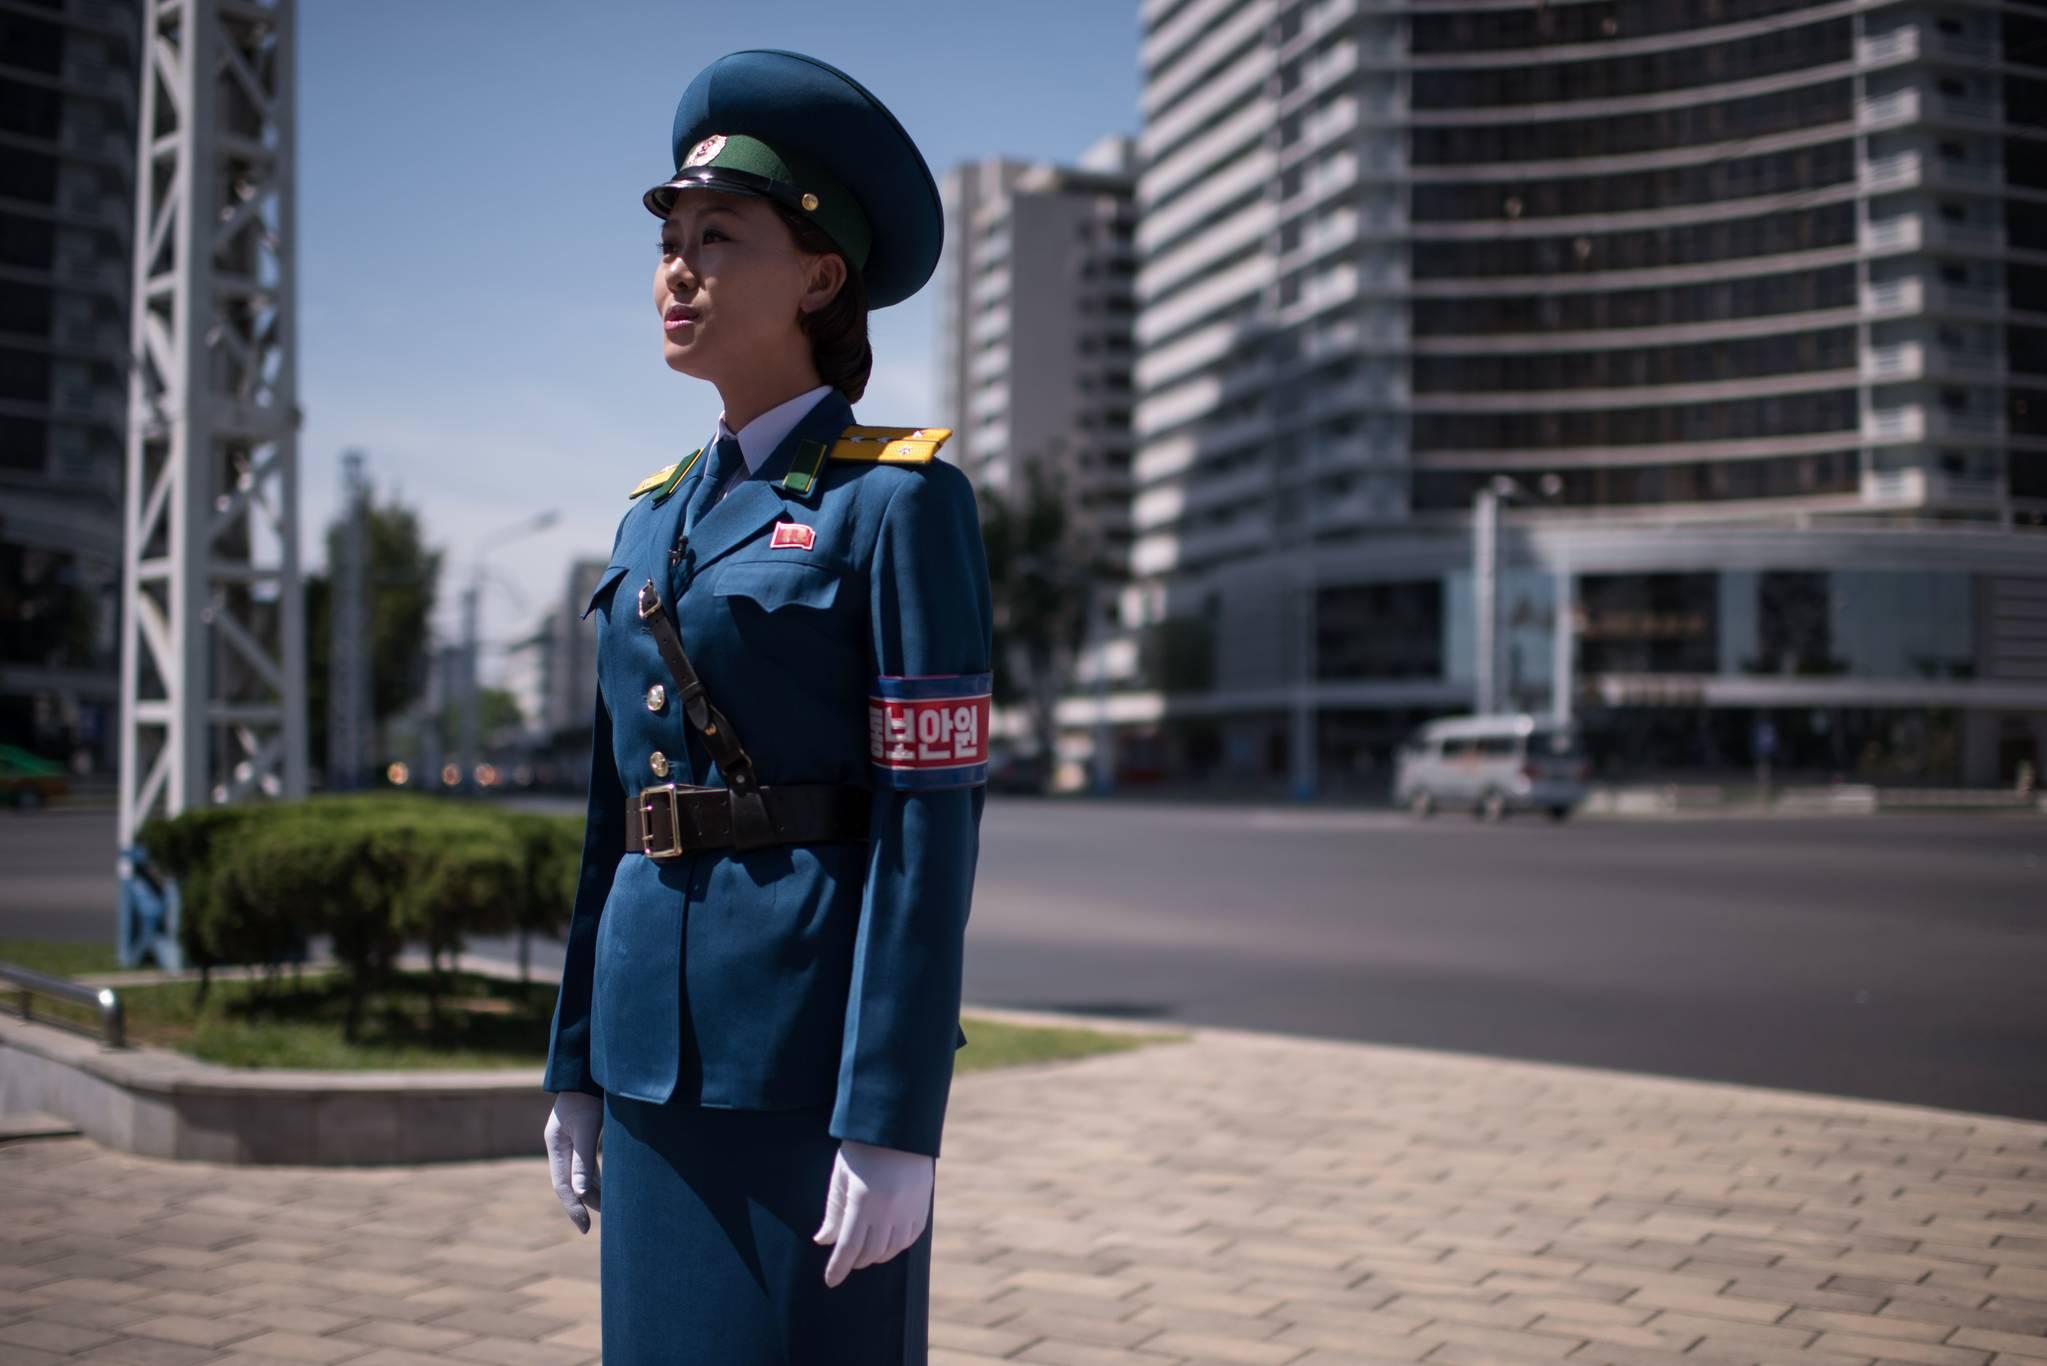 지난 4일 북한 평양 시내 교차로에서 교통지도를 하고 있는 여성 교통보안원.[AFP=연합뉴스]